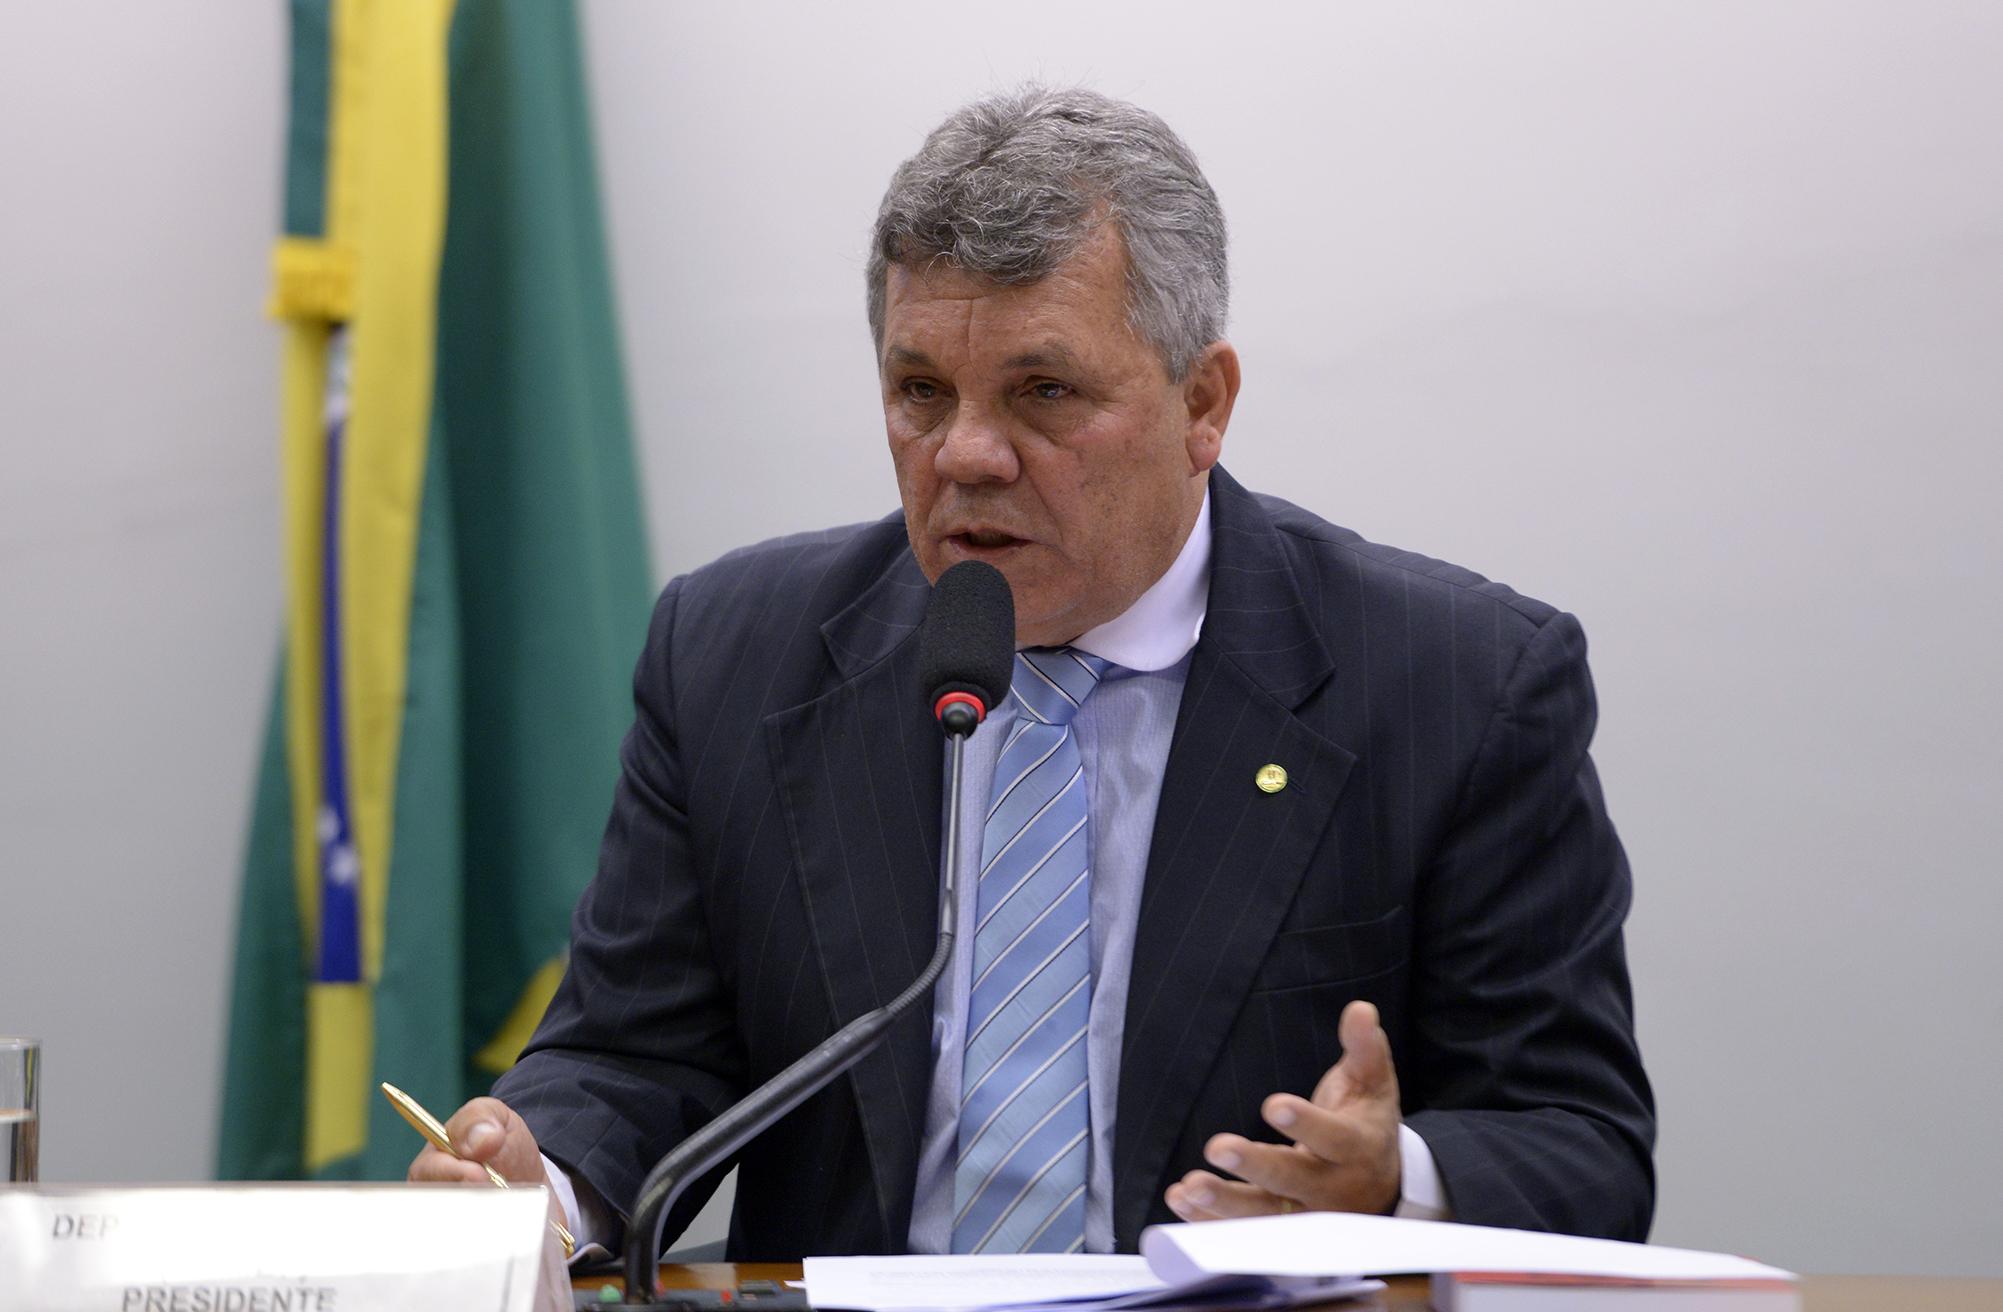 Audiência pública para esclarecimentos sobre fatos relacionados ao objeto de investigação da CPI. Dep. Alberto Fraga (DEM-DF)